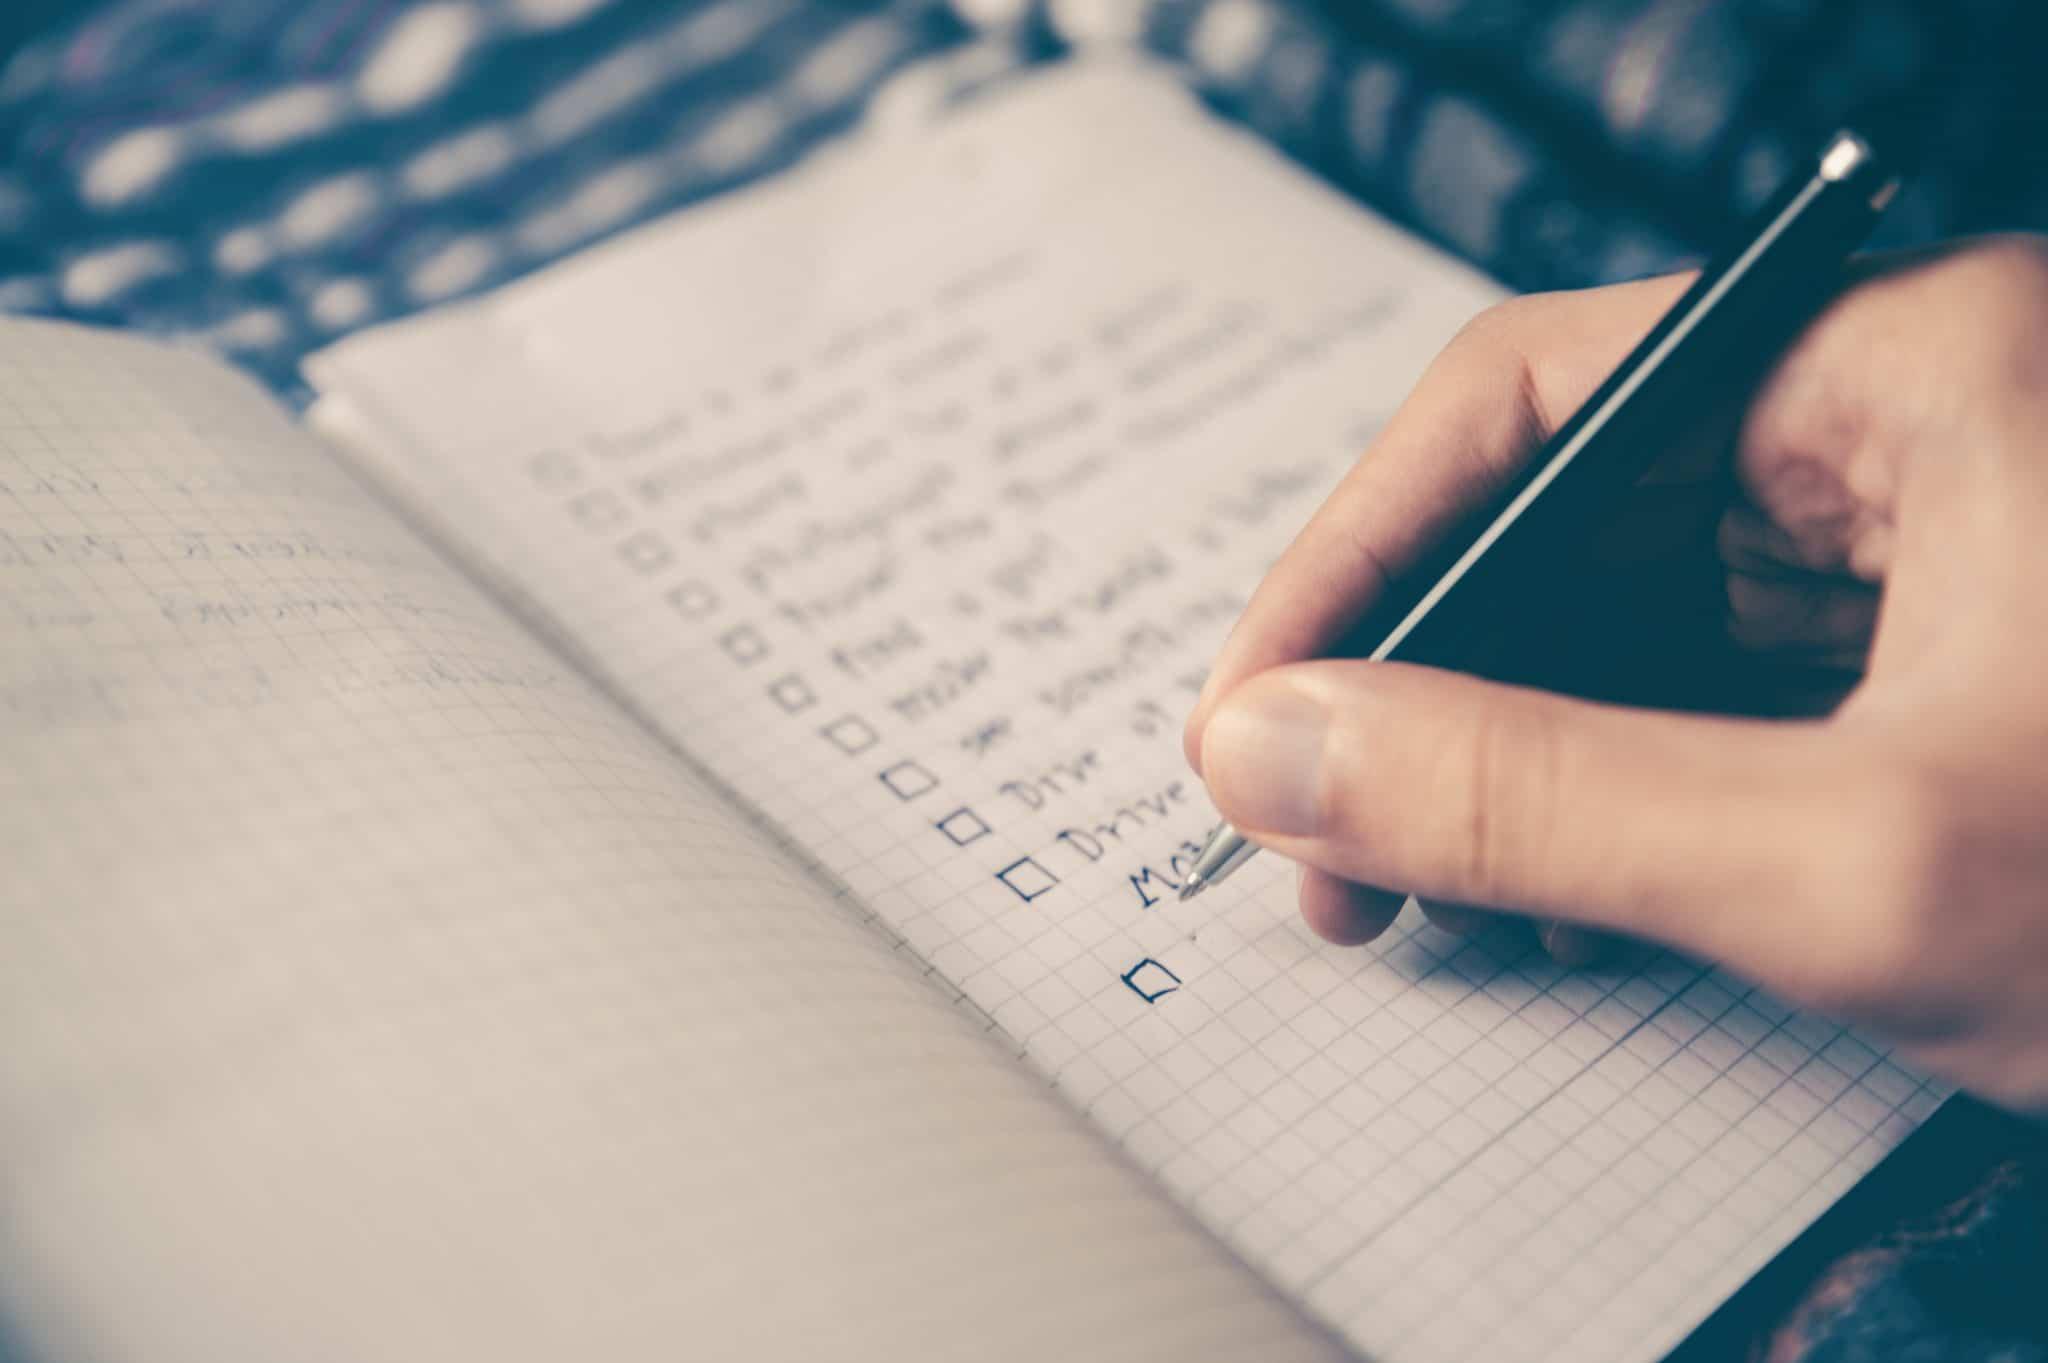 Checklist du rédacteur web